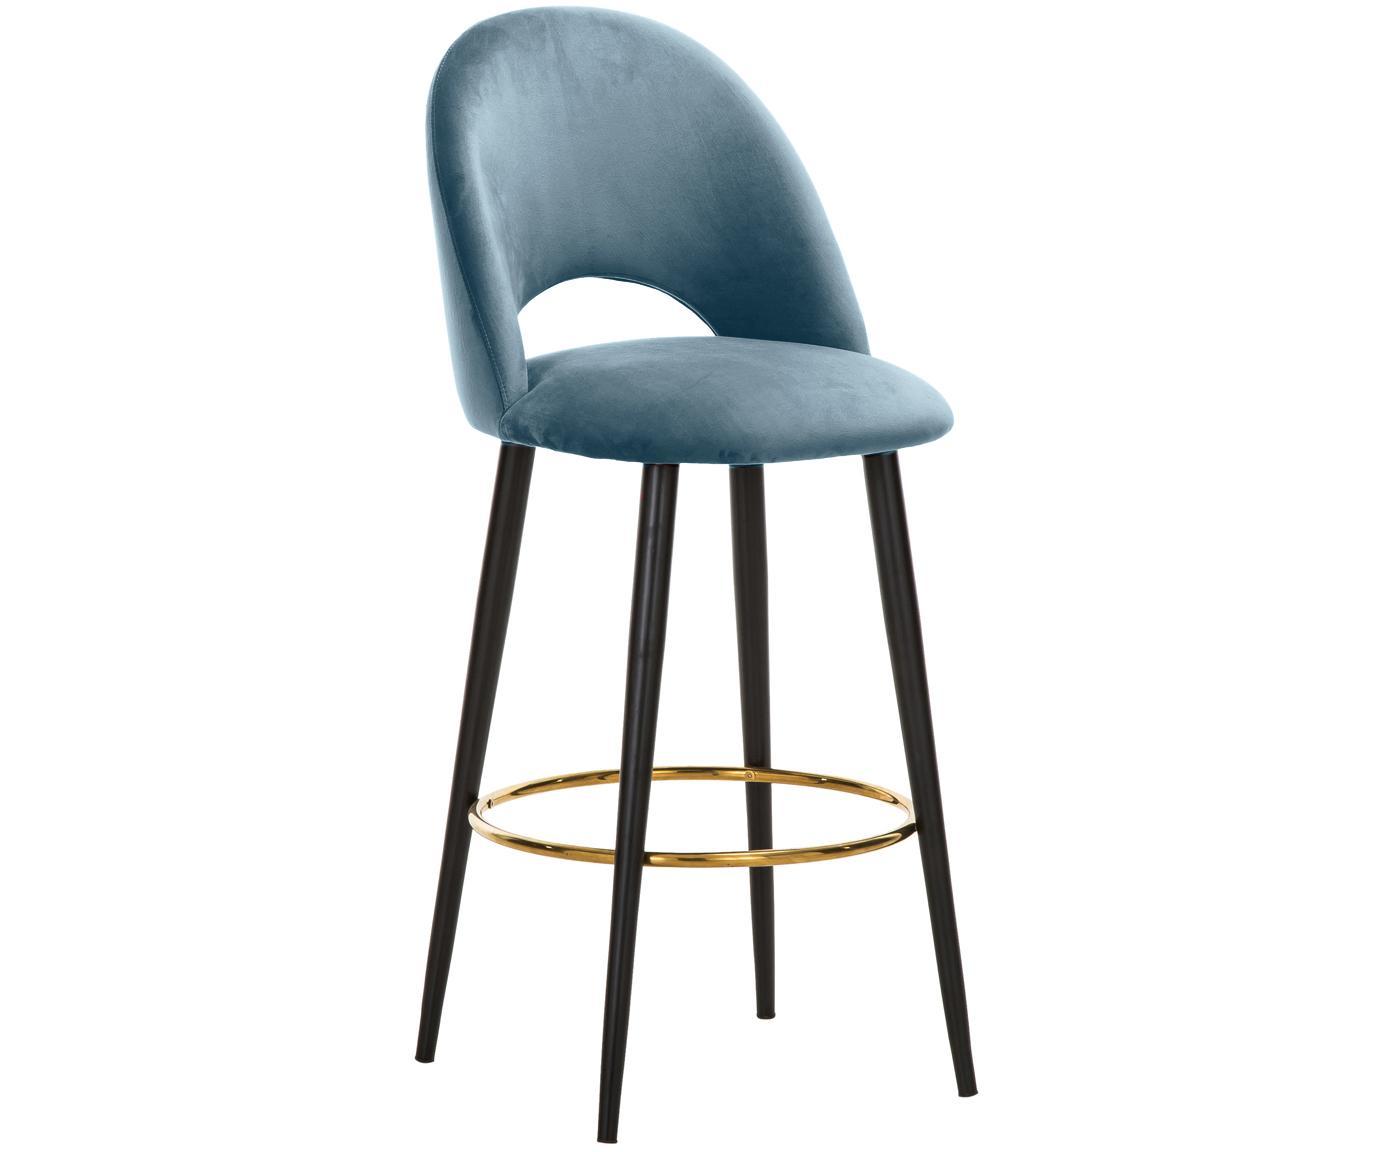 Sedia da bar in velluto Rachel, Rivestimento: velluto (poliestere) 50.0, Gambe: metallo verniciato a polv, Velluto azzurro, Larg. 48 x Alt. 110 cm